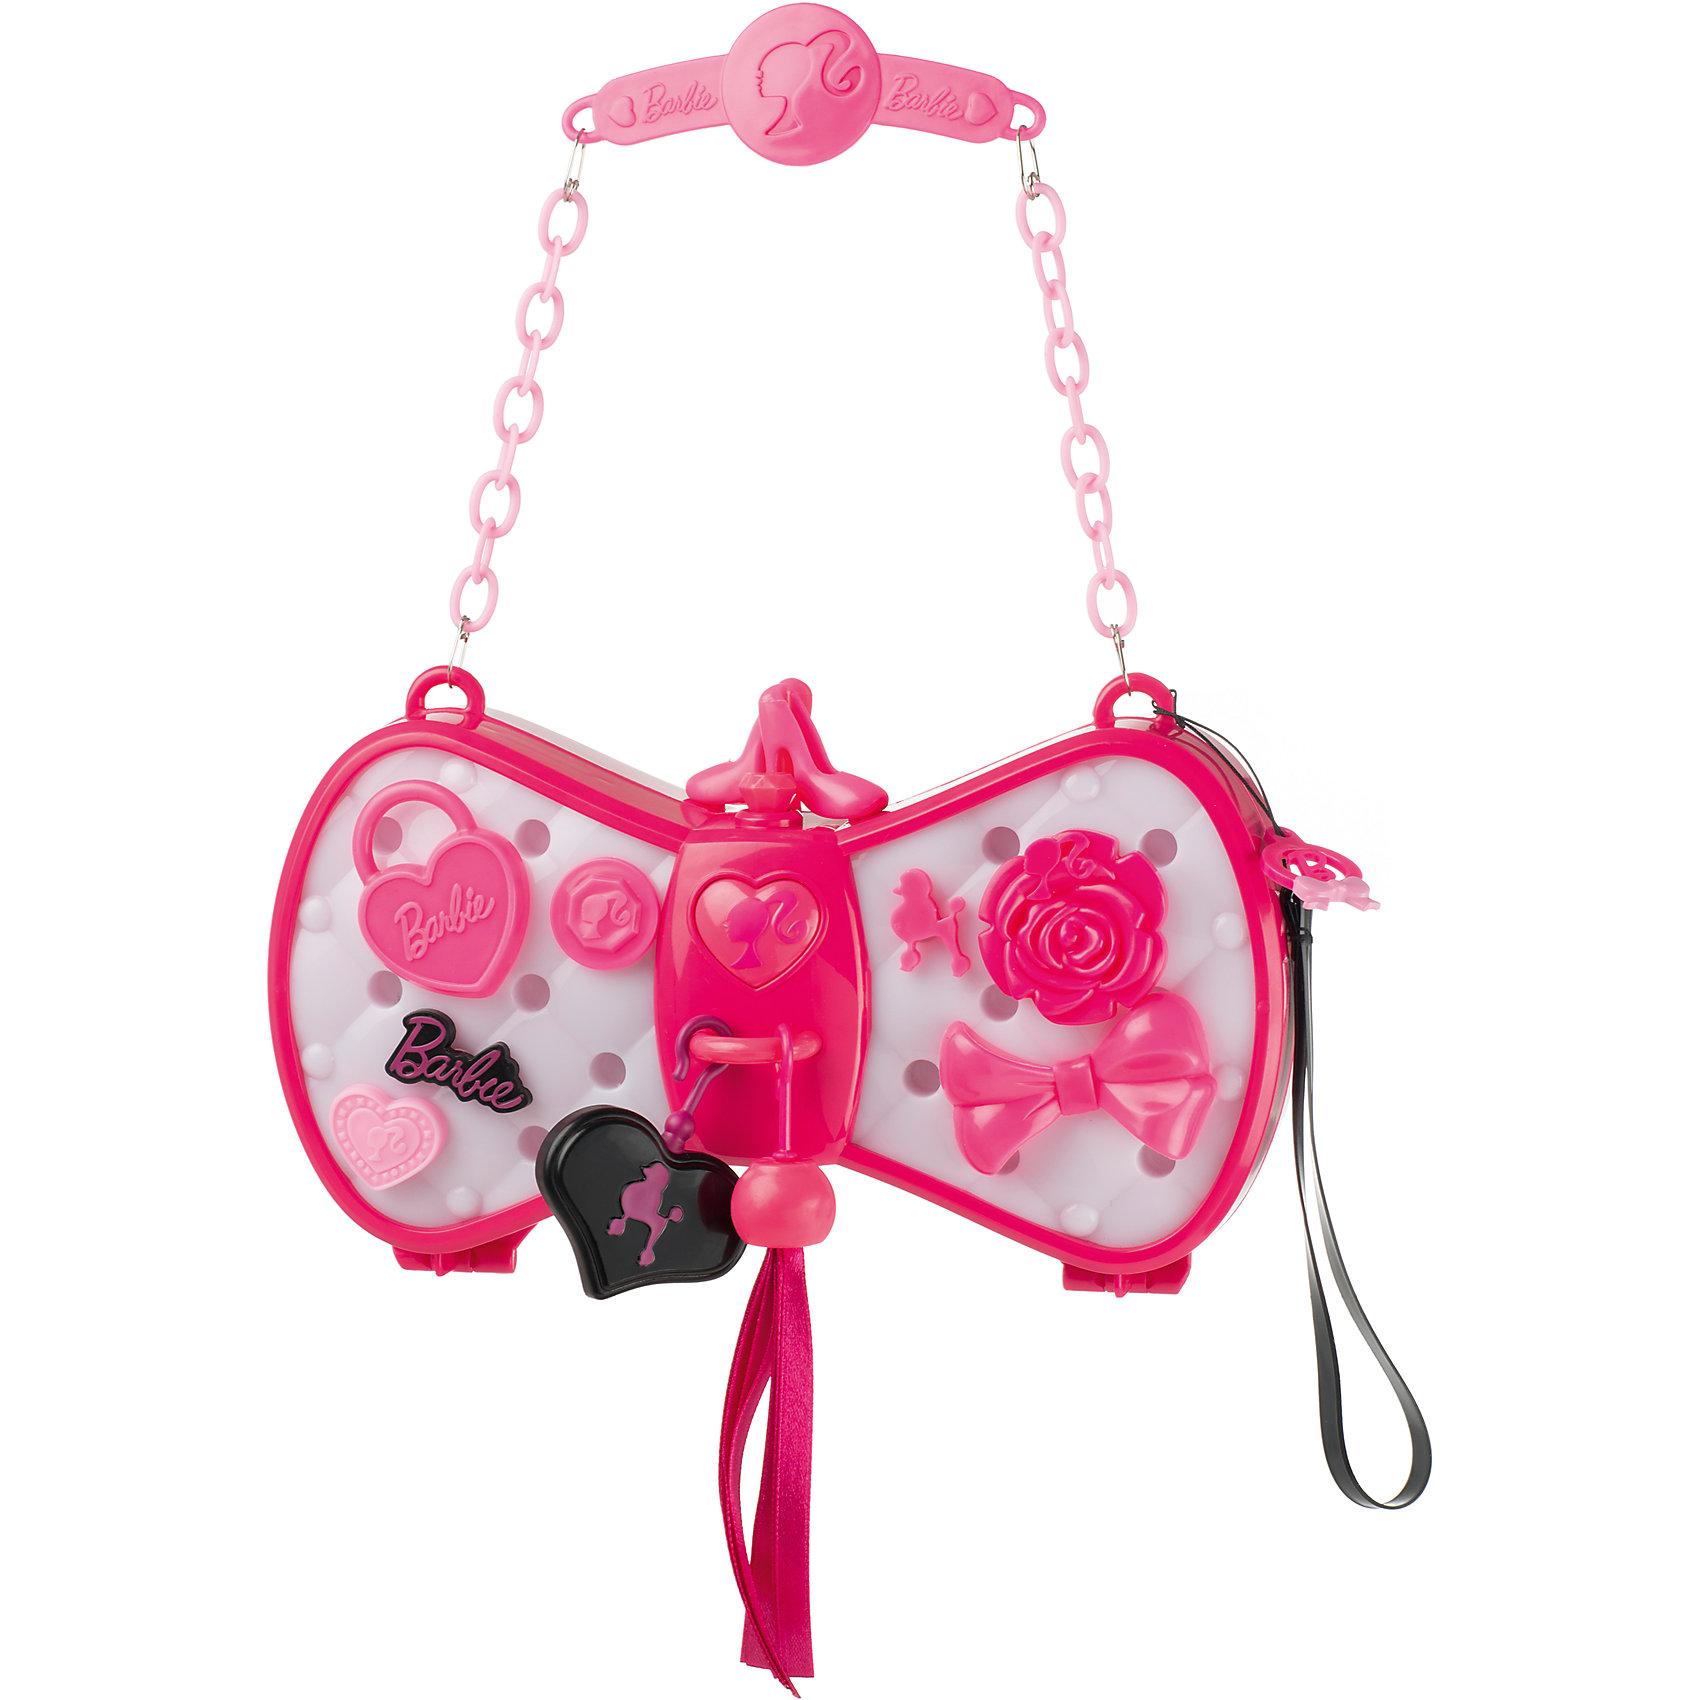 Волшебная сумочка Барби, HTIВолшебная сумочка Барби, HTI - это сумочка меняющая цвет так, чтобы он сочетался с одеждой!<br>Волшебная сумочка Барби приведет в восторг любую модницу! Сумочку в виде бабочки на цепочке можно повесить на руку или носить как клатч, имеется специальный ремешок. Если нажать на кнопку в форме сердца, то сумочка станет светиться и менять цвет, подстраиваясь под любой оттенок одежды. Память игрушки вмещает до 100 оттенков. Сумочку можно декорировать с помощью пластиковых аксессуаров, входящих в комплект (бантики, цветочки, сердечки и т.д.). Для этого нужно просто вставить понравившиеся украшение в специальные отверстия на сумочке. Сумочка непременно станет любимым аксессуаром вашей малышки. Порадуйте ее таким замечательным подарком!<br><br>Дополнительная информация:<br><br>- В наборе: сумочка, аксессуары, цепочка, ремешок<br>- Размер сумочки: 19,5 х 5 х 11 см.<br>- Высота цепочки: 12,5 см.<br>- Материал: пластик<br>- Батарейки: 3  типа ААА (входят в комплект)<br>- Размер упаковки: 37 х 35 х 5,7 см.<br>- Вес: 428 гр.<br><br>Волшебную сумочку Барби, HTI можно купить в нашем интернет-магазине.<br><br>Ширина мм: 370<br>Глубина мм: 350<br>Высота мм: 57<br>Вес г: 428<br>Возраст от месяцев: 36<br>Возраст до месяцев: 168<br>Пол: Женский<br>Возраст: Детский<br>SKU: 4301431